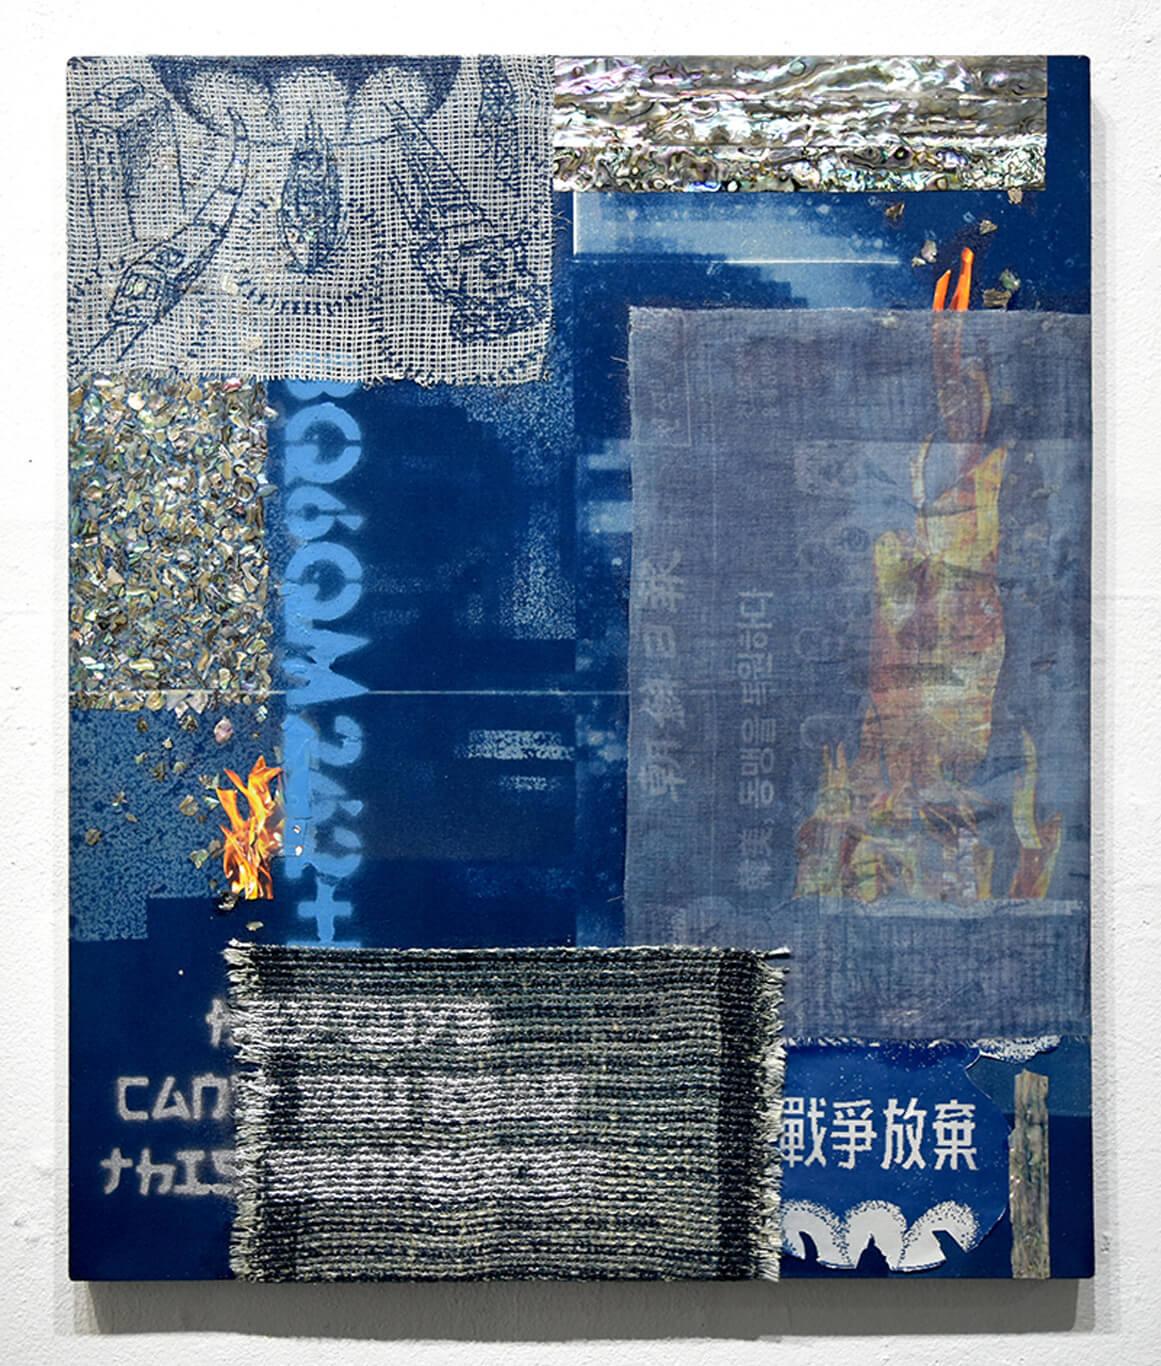 tetra-202107-チョン・ユギョン 展示